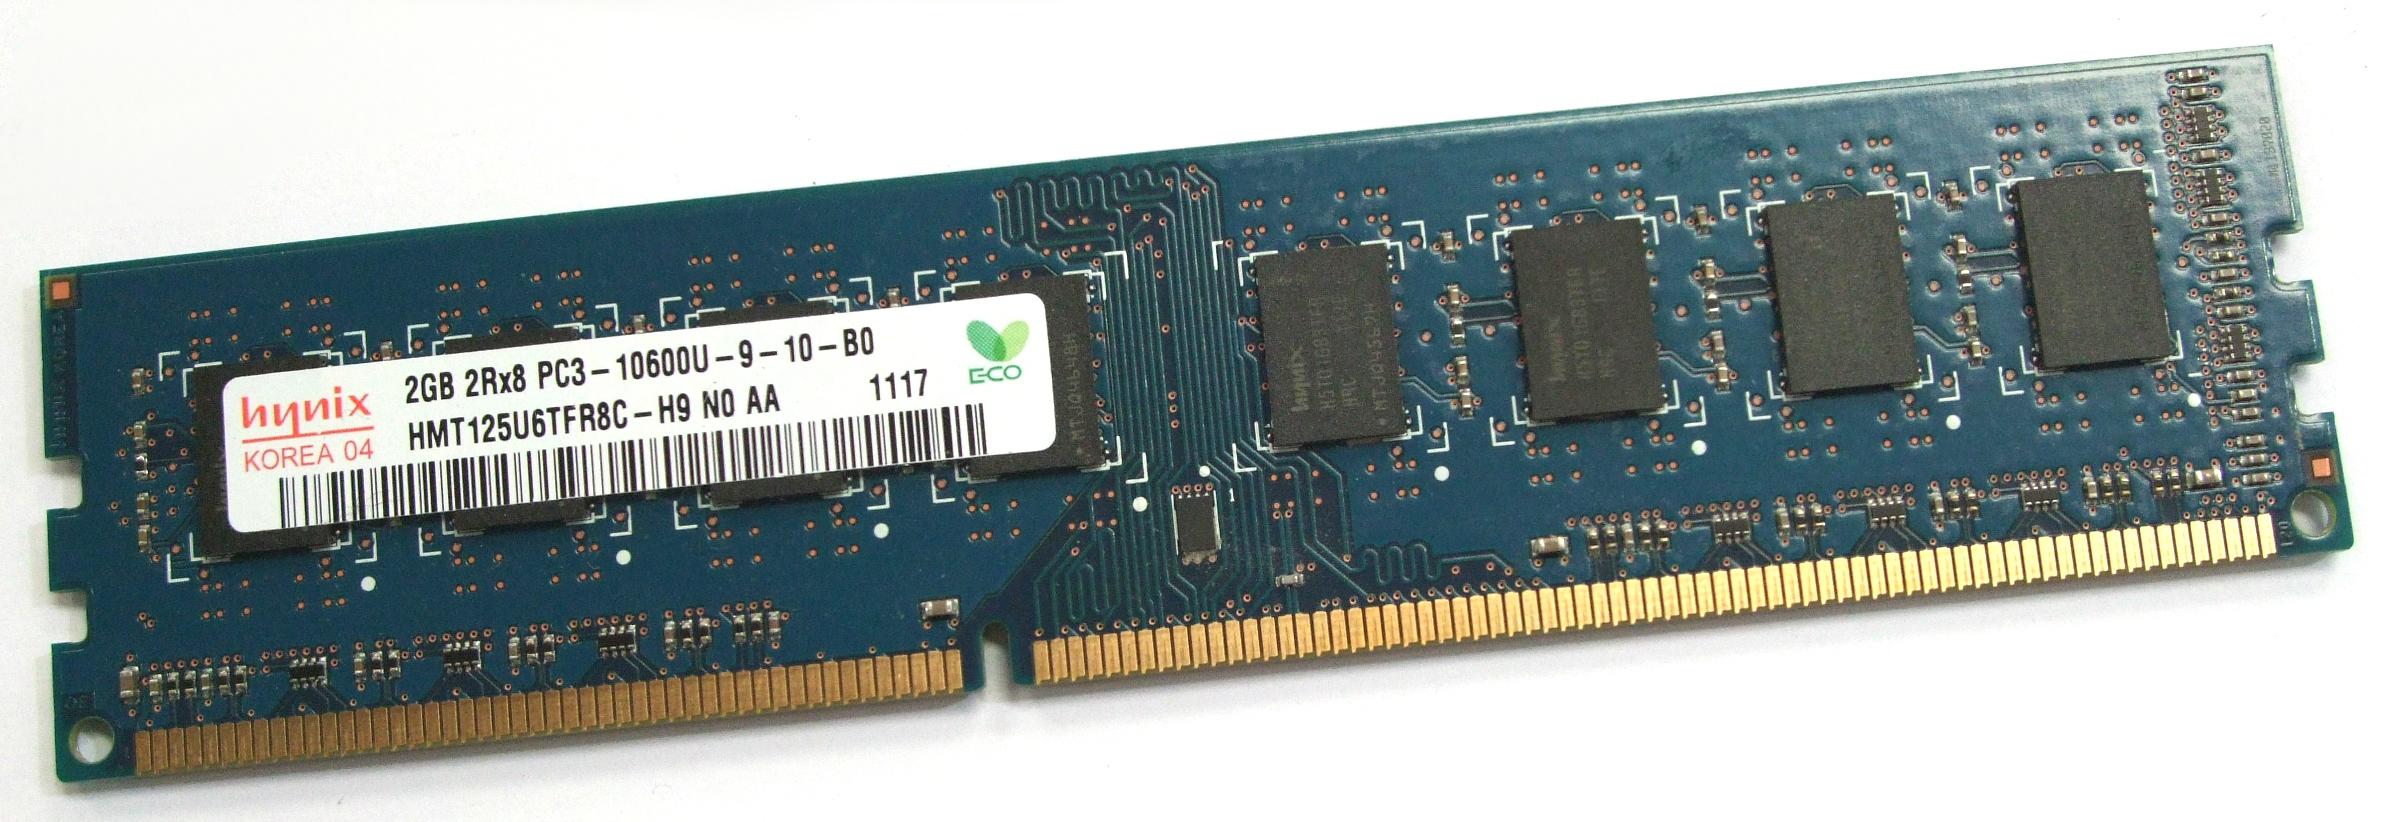 Hynix 240 Pin Ddr3 1333mhz Pc3 10600u Desktop Ram Memory